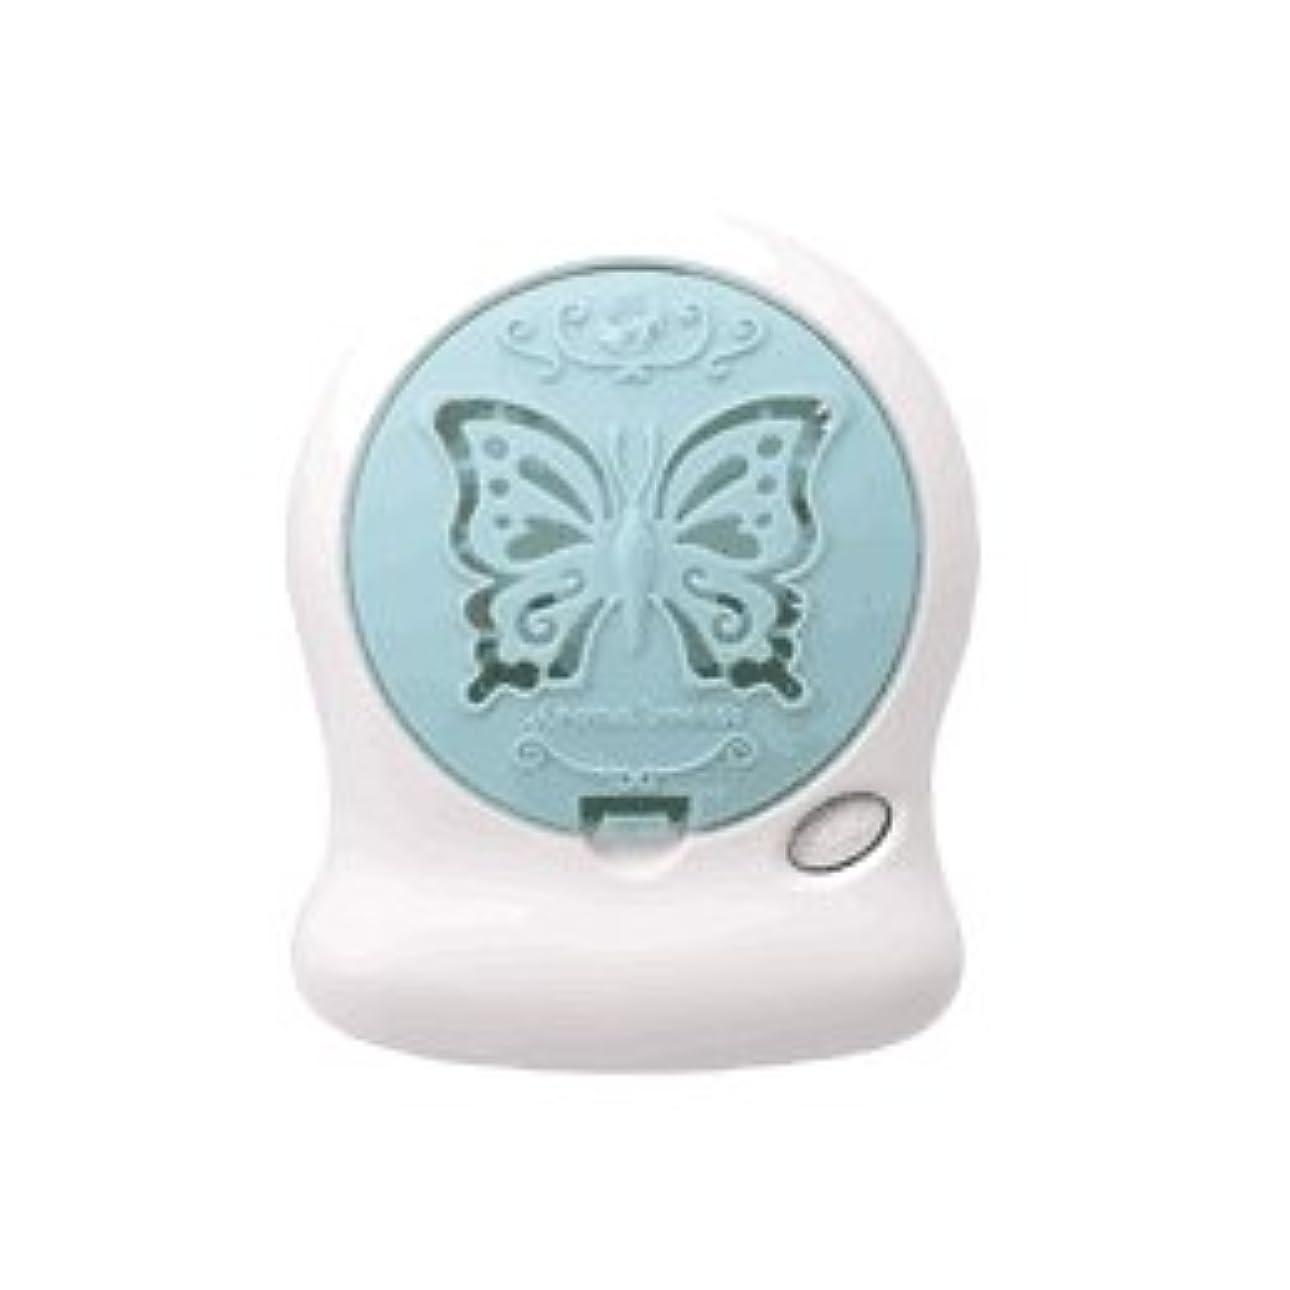 歯科医延期するベットアロマブリーズ Nova t Jill (蝶柄) グリーン オフタイマー付モバイルファン式芳香器